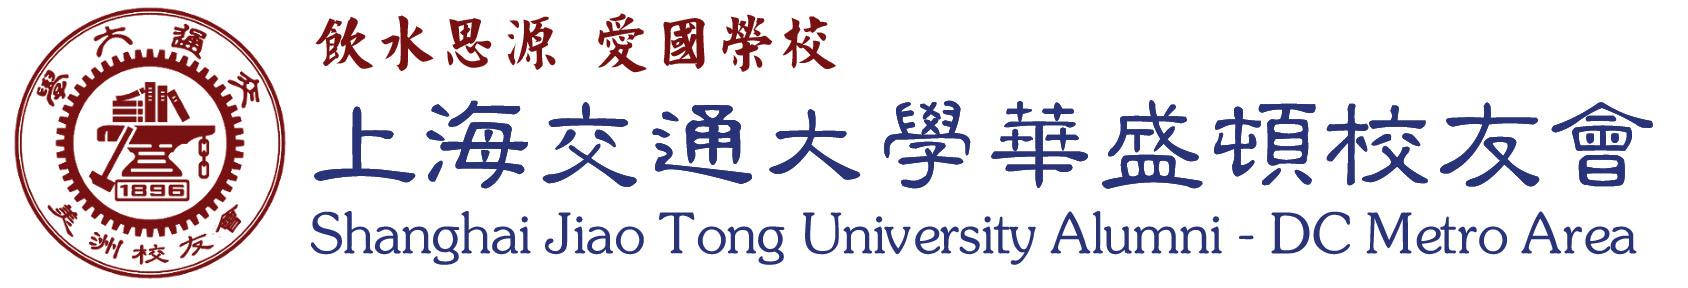 上海交通大学校友会